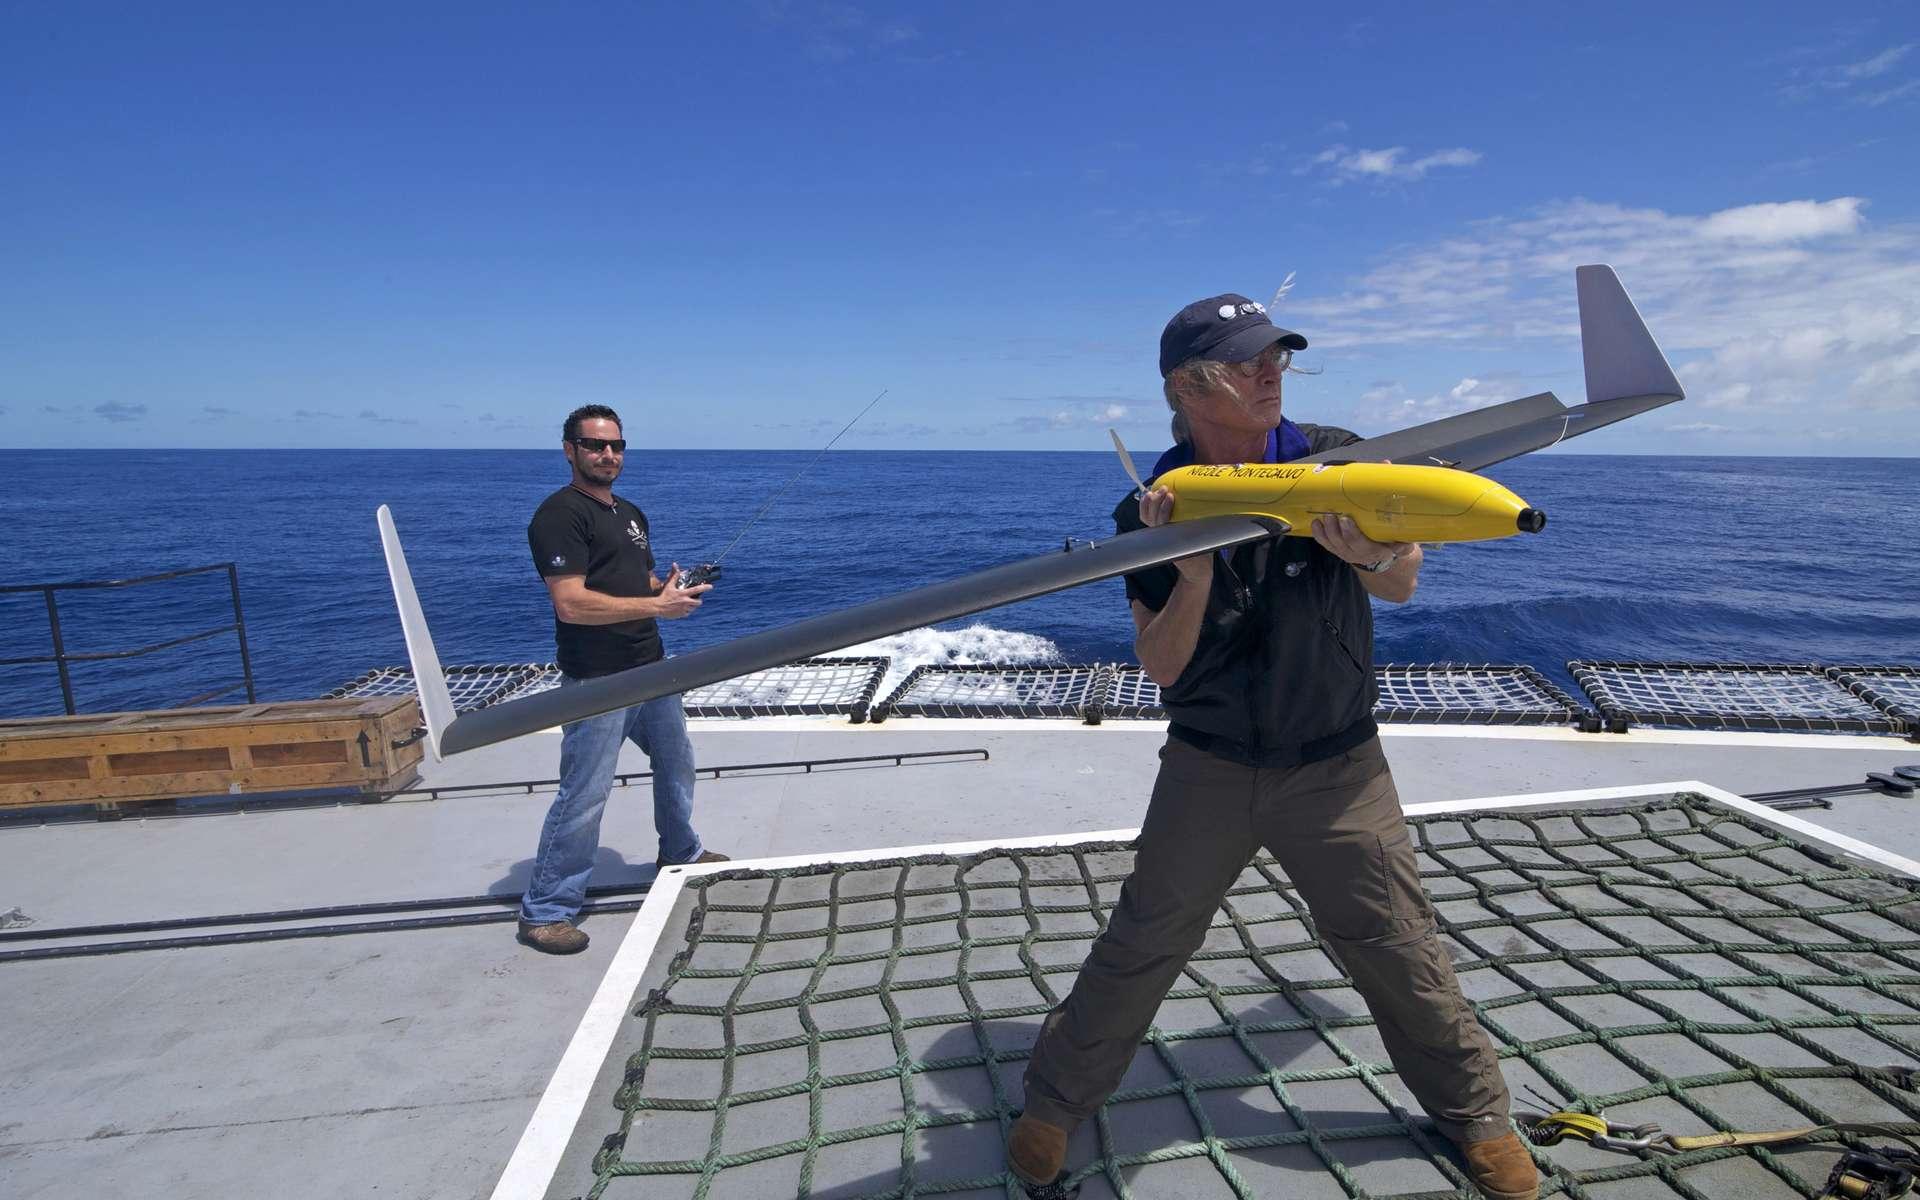 Le moratoire sur la chasse à la baleine à débuté en 1986 mais le Japon continue la chasse sous couvert d'étude scientifique. © Sea Shepherd Conservation Society